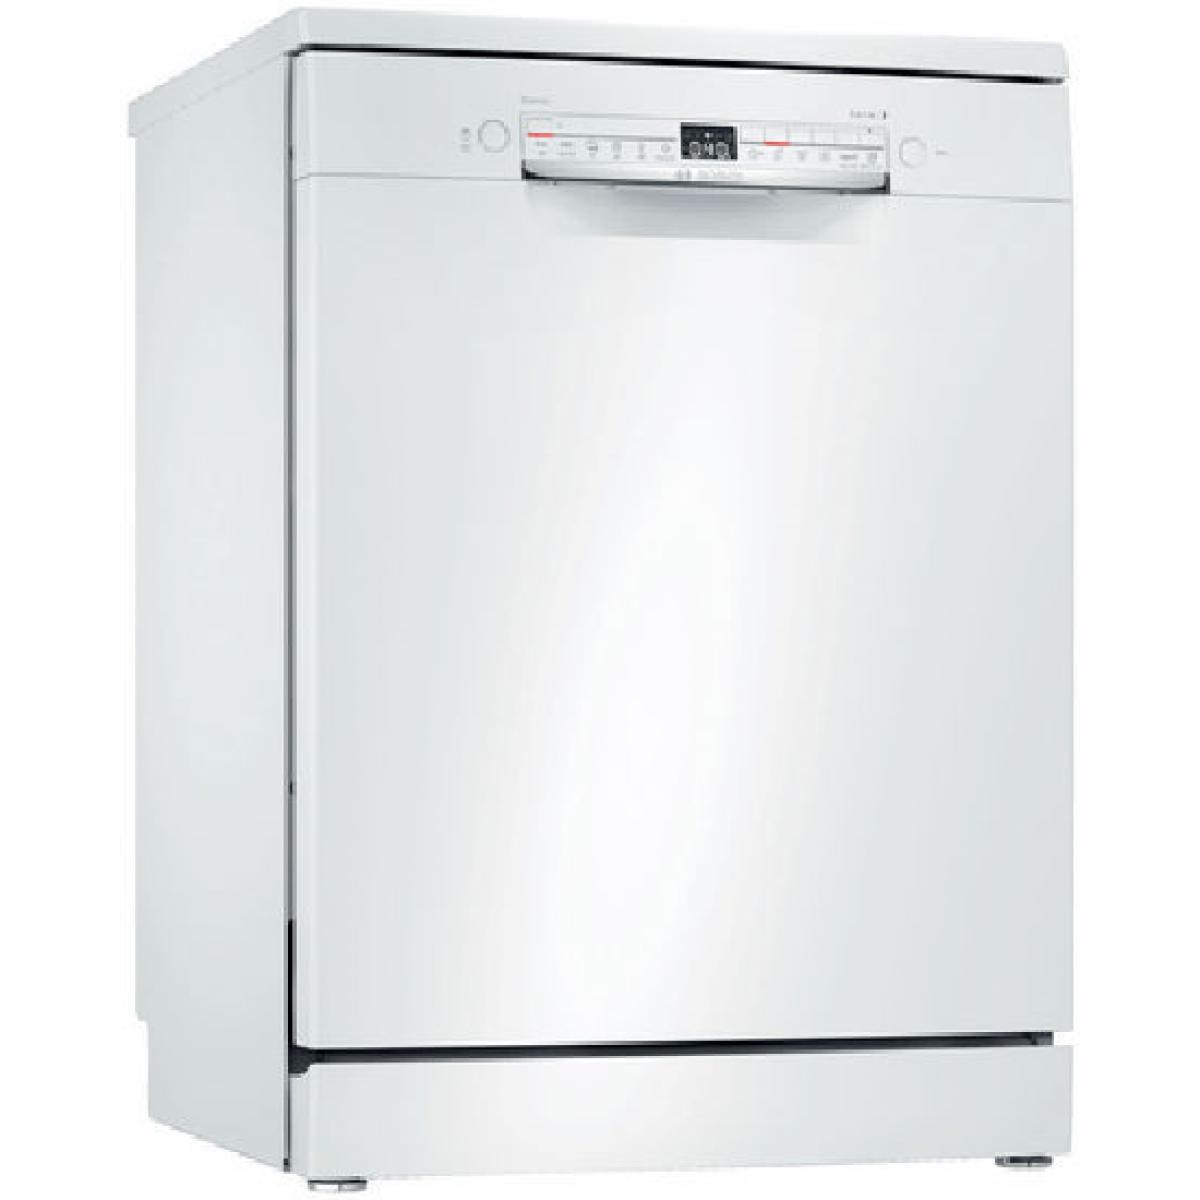 Bosch Lave-vaisselle pose libre BOSCH 12 Couverts 60cm, SMS2ITW39E